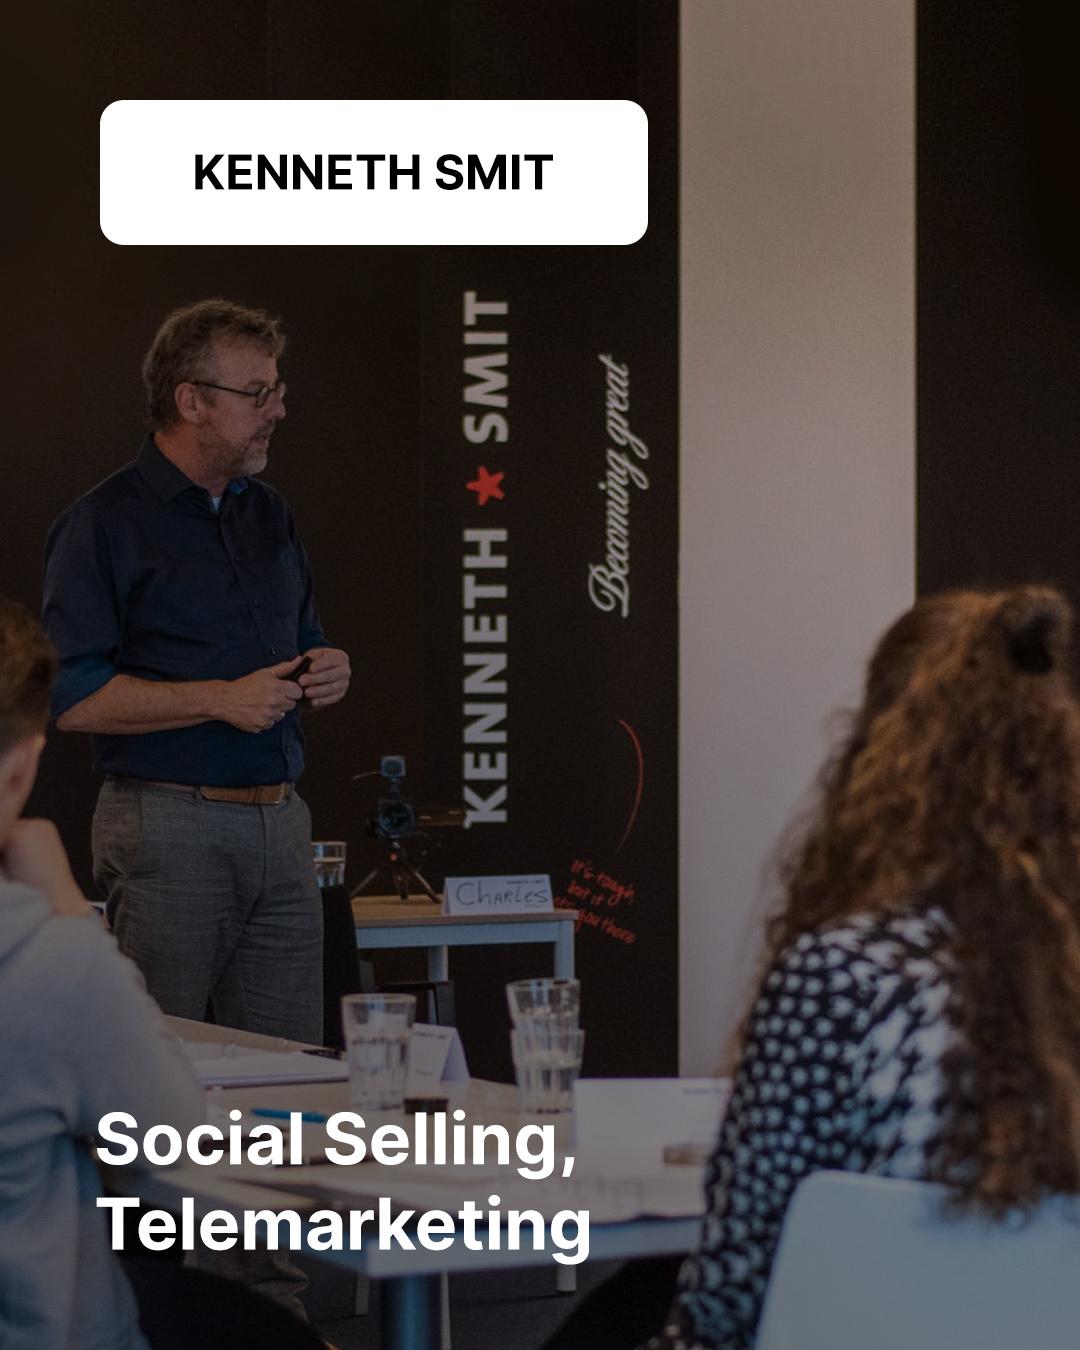 Kenneth Smit